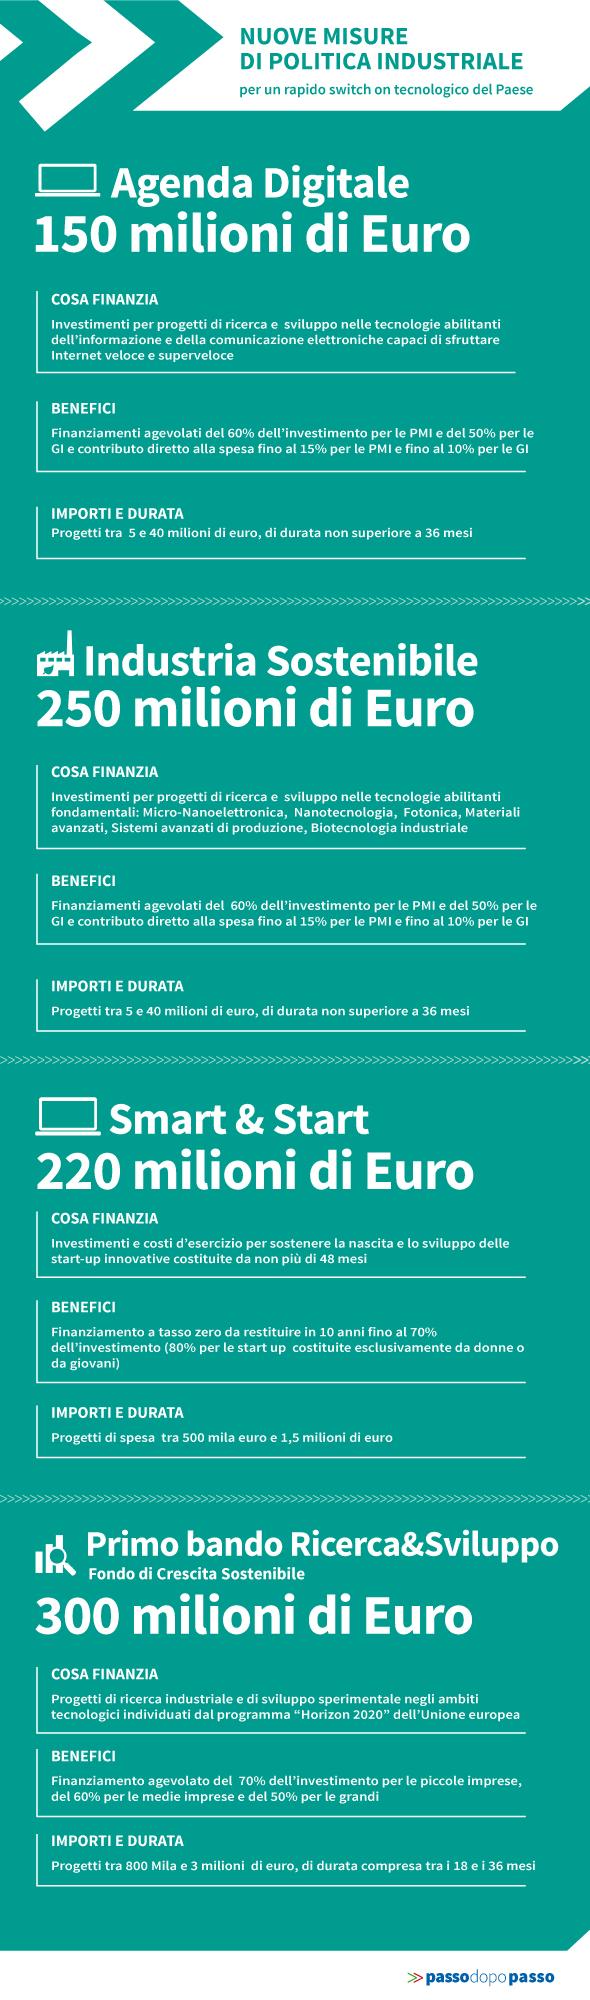 Infografica: Imprese: 920 mln di Euro per R&S e per accelerare lo switch on tecnologico